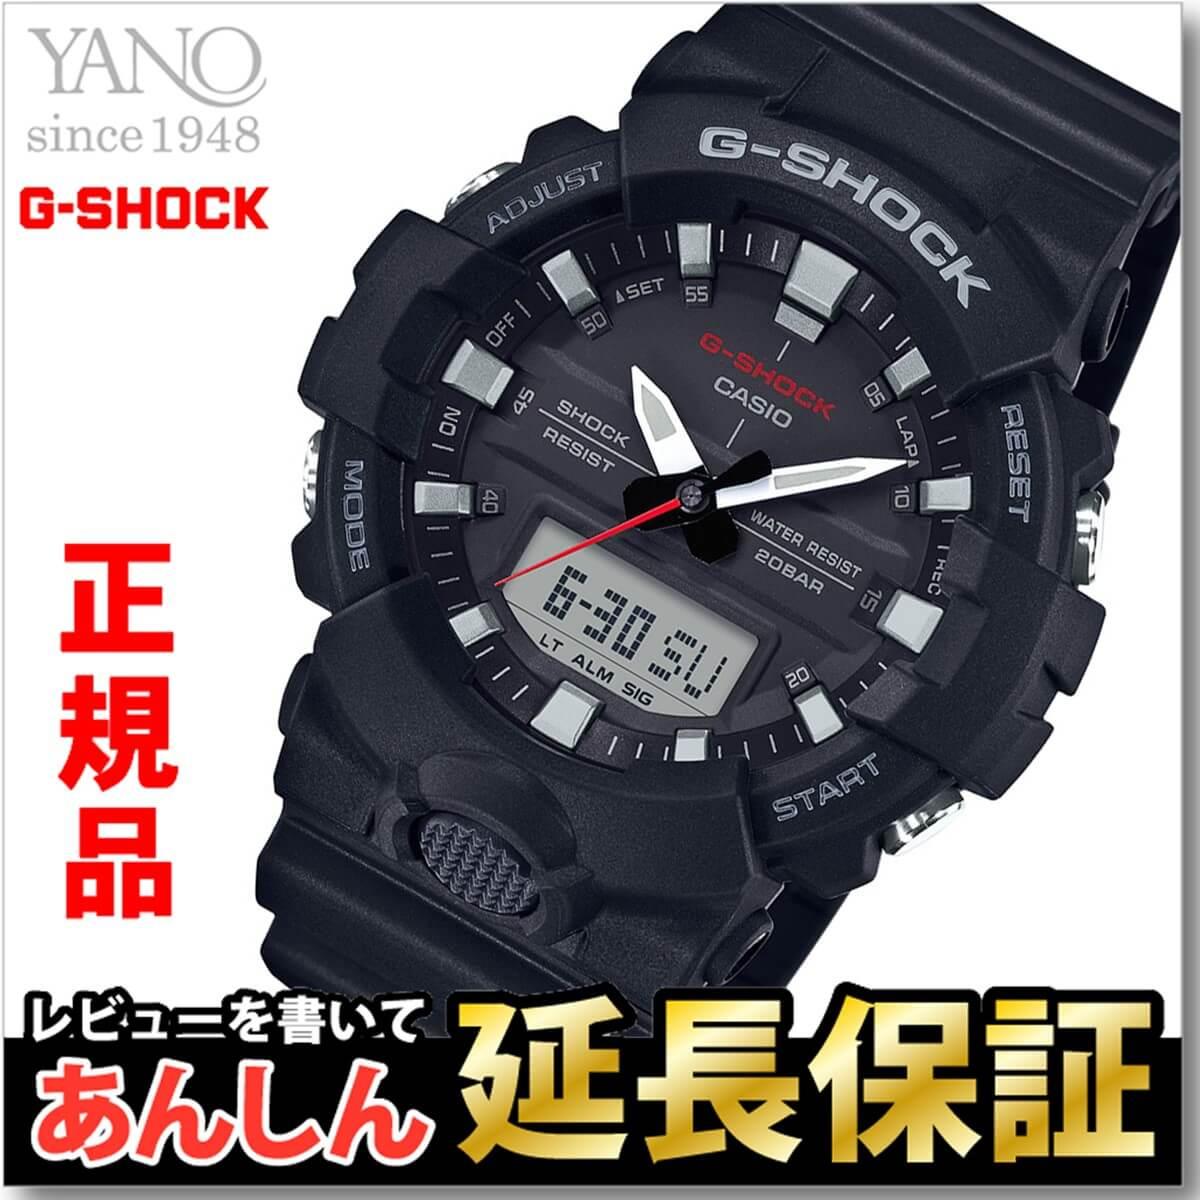 カシオ Gショック GA-800-1AJF 腕時計 メンズ CASIO G-SHOCK GA-800【正規品】【0917】9月8日発売【店頭受取対応商品】